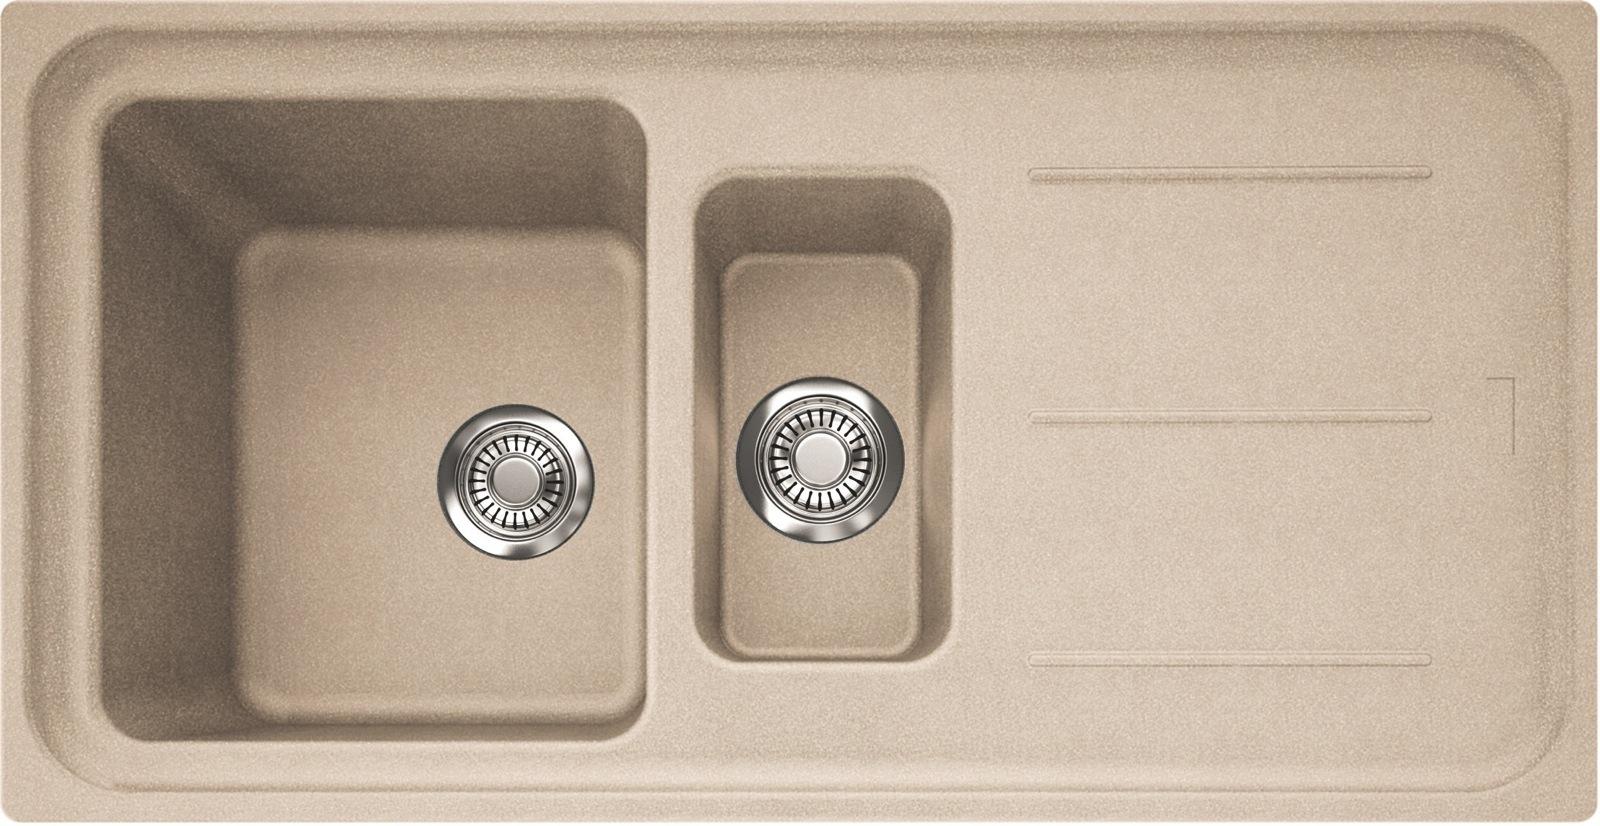 Chiuveta fragranite Franke Impact IMG 651 reversibila 970x500 tehnologie Sanitized Avena